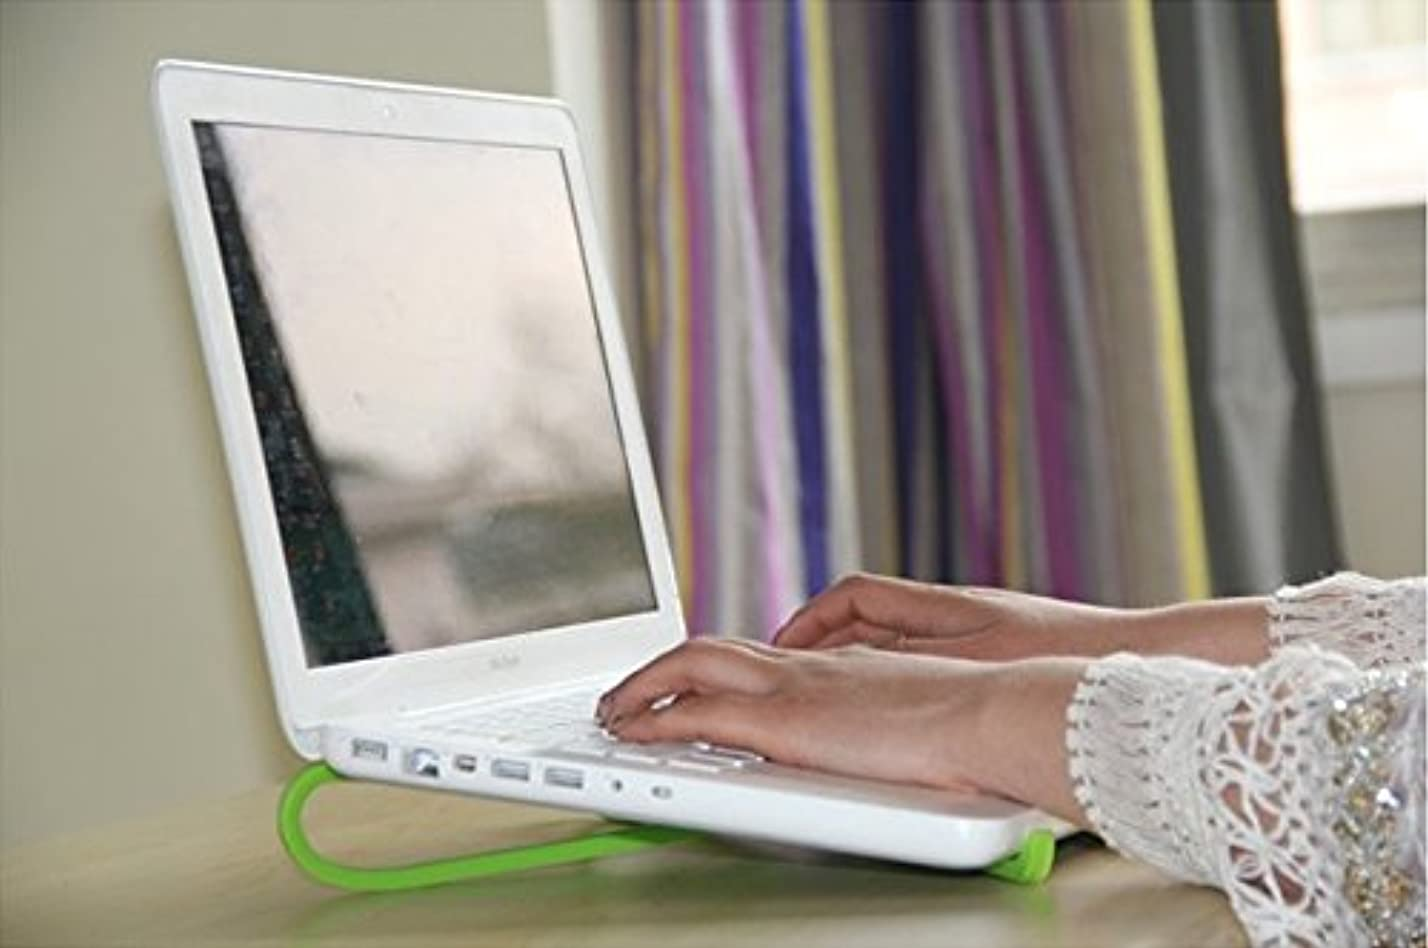 ランダムパッケージシロクマPCスタンド ラップトップスタンド 折りたたみ式 放熱 携帯便利 長時間のパソコン作業 肩こり PCアクセサリー ノートパソコン スタンド /ipad/macbook (グリーン、ローズレッド)